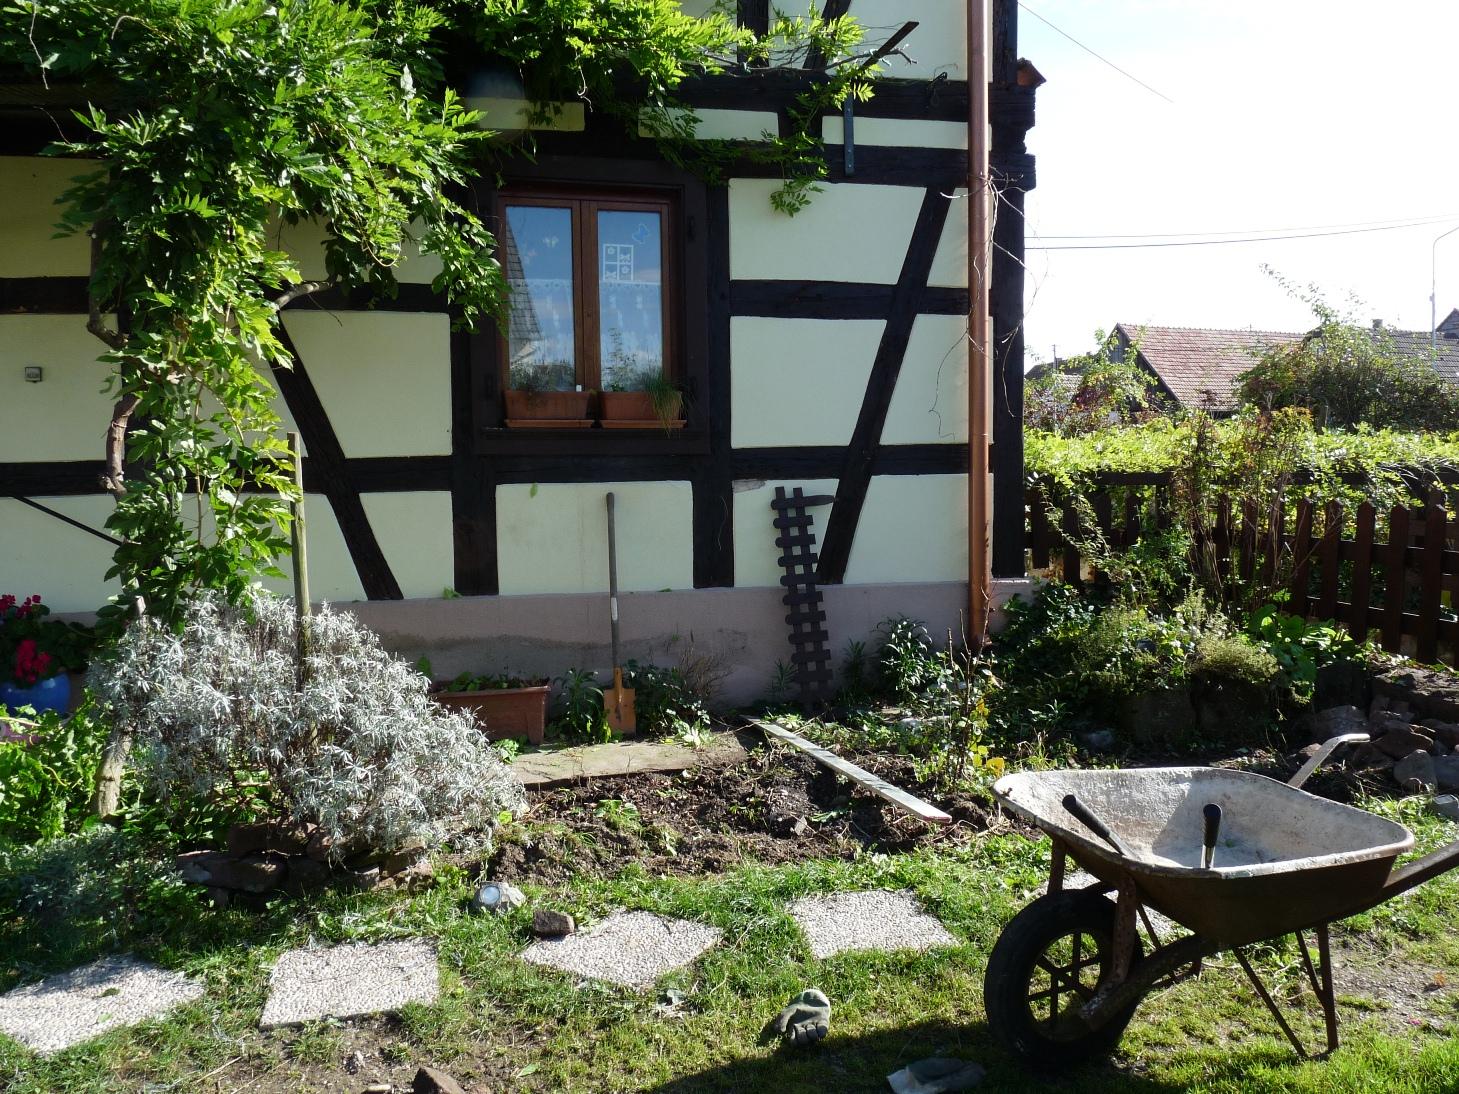 Faire Une Terrasse A Moindre Cout #10: Trouver Dans Le Jardin, Les Pierres  En Grès Des Vosges Les Plus Plates Pour Former Le Dallage De Notre Petite  ...